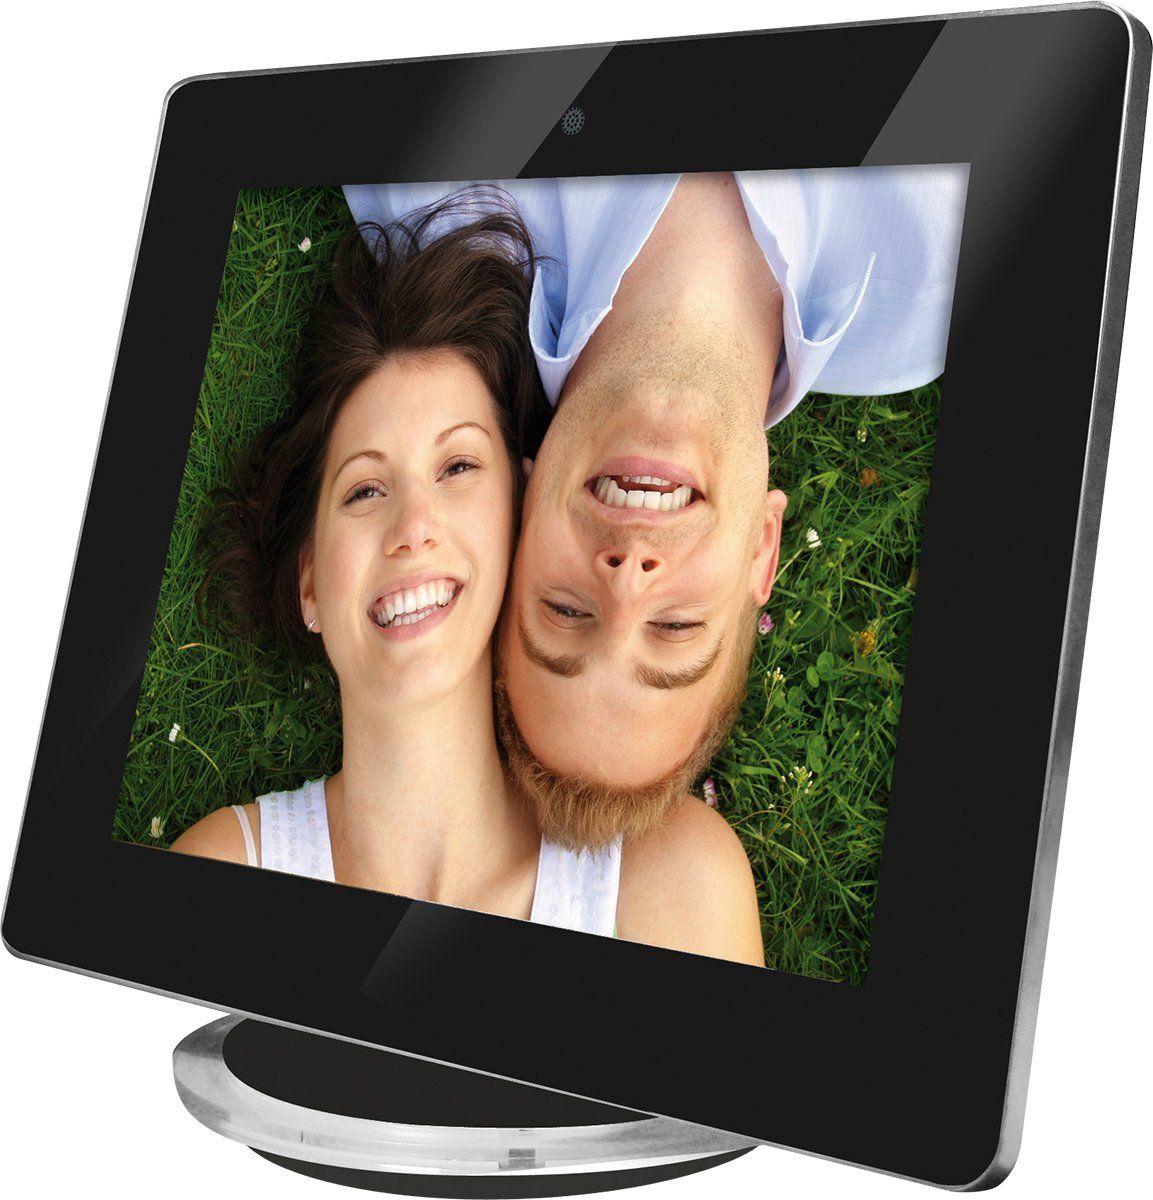 Rollei Designline cyfrowa ramka na zdjęcia (20,32 cm (8 cali), wbudowane głośniki stereo, stacja dokująca) czarna